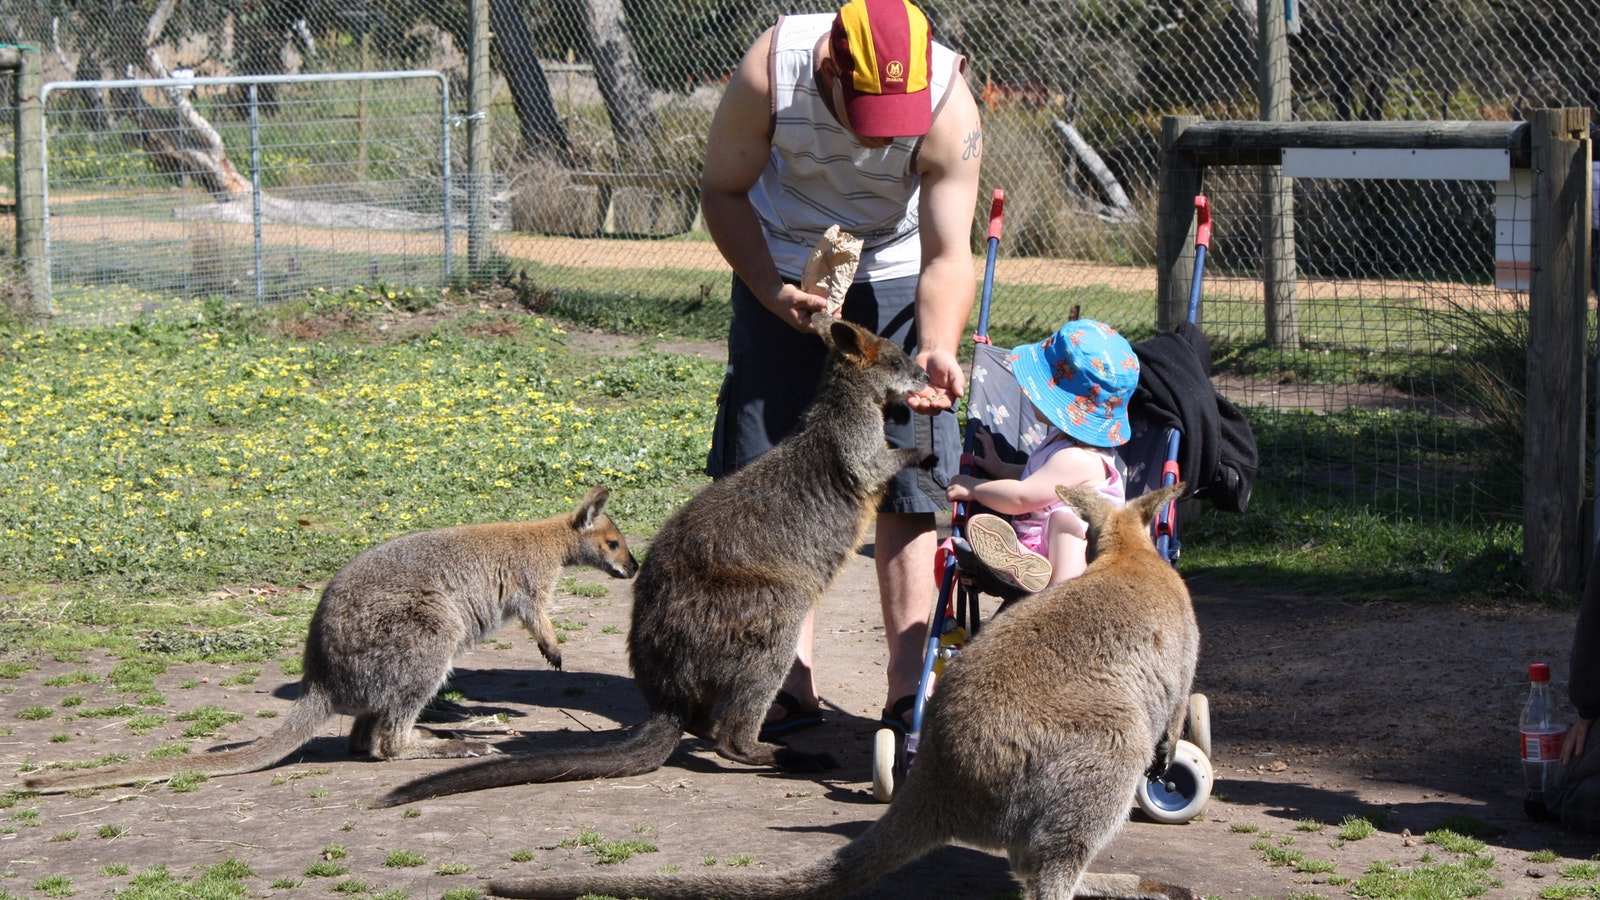 Feed the Wallabies at Halls Gap Zoo